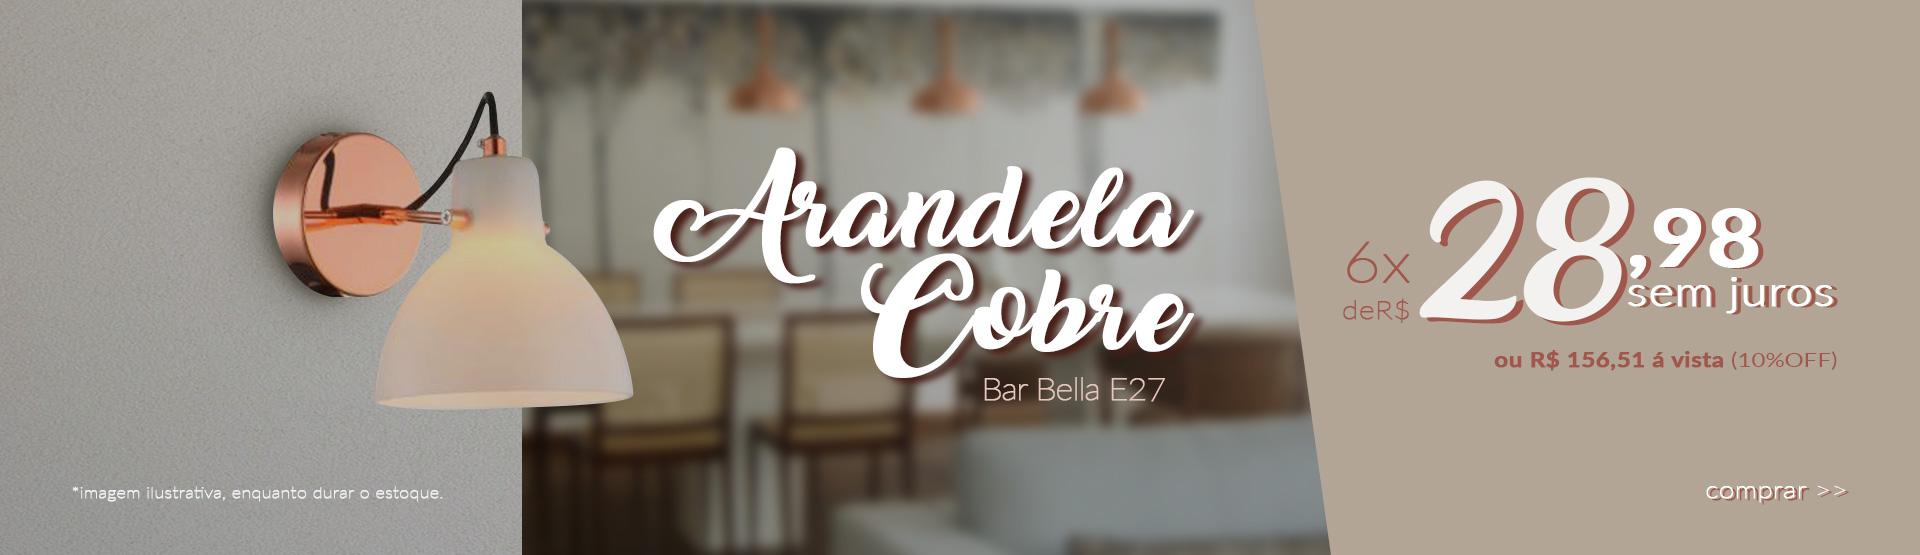 Arandela Bar Cobre